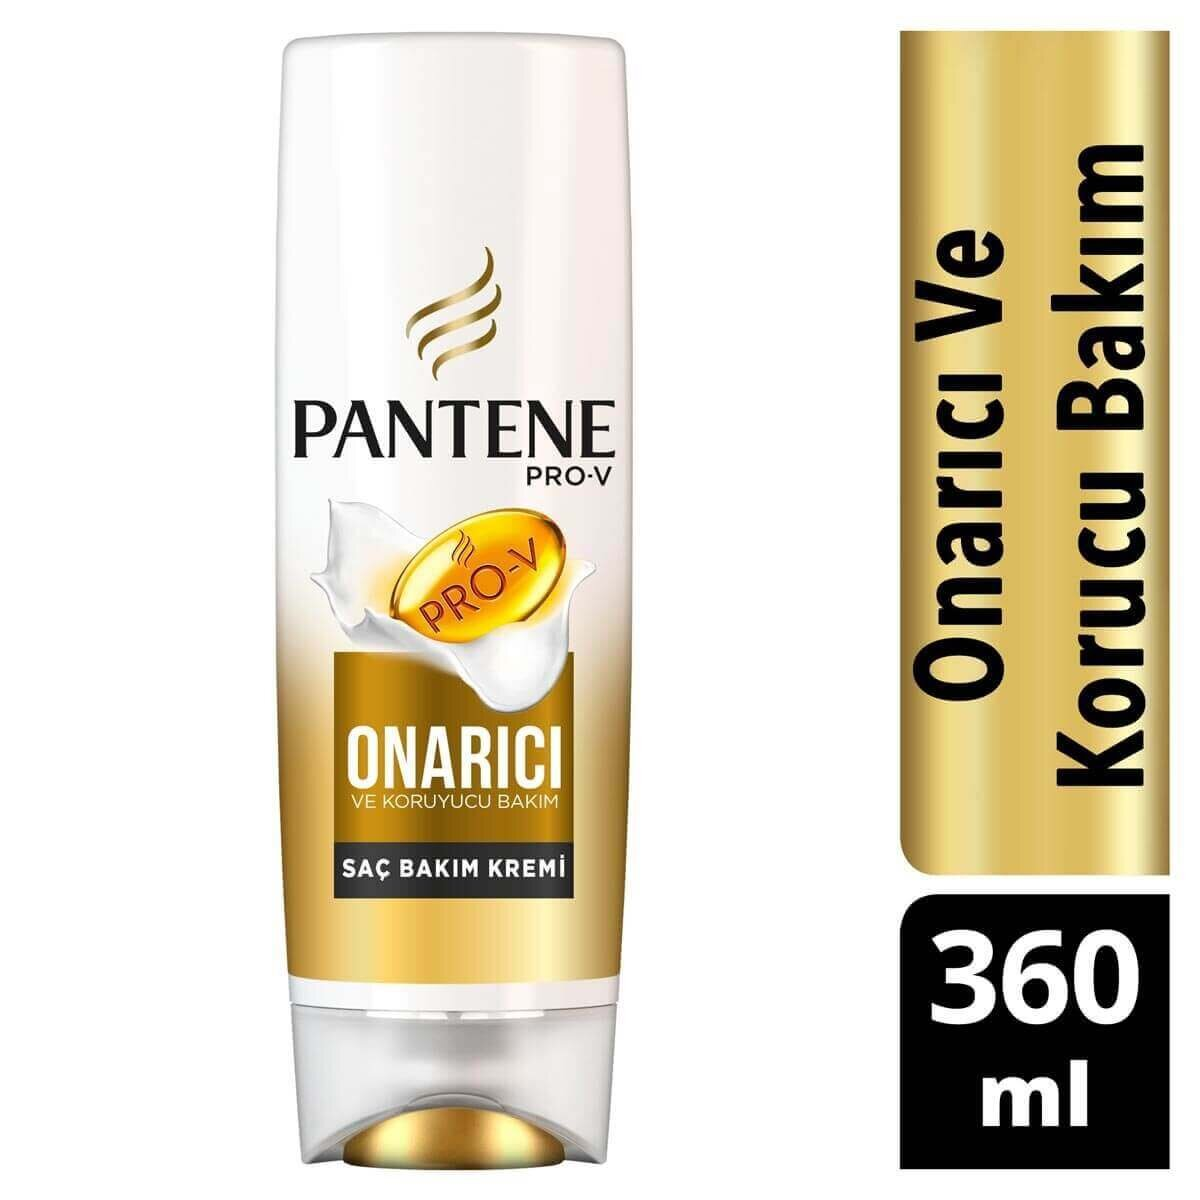 Onarıcı ve Koruyucu Bakım Saç Kremi 360 ml